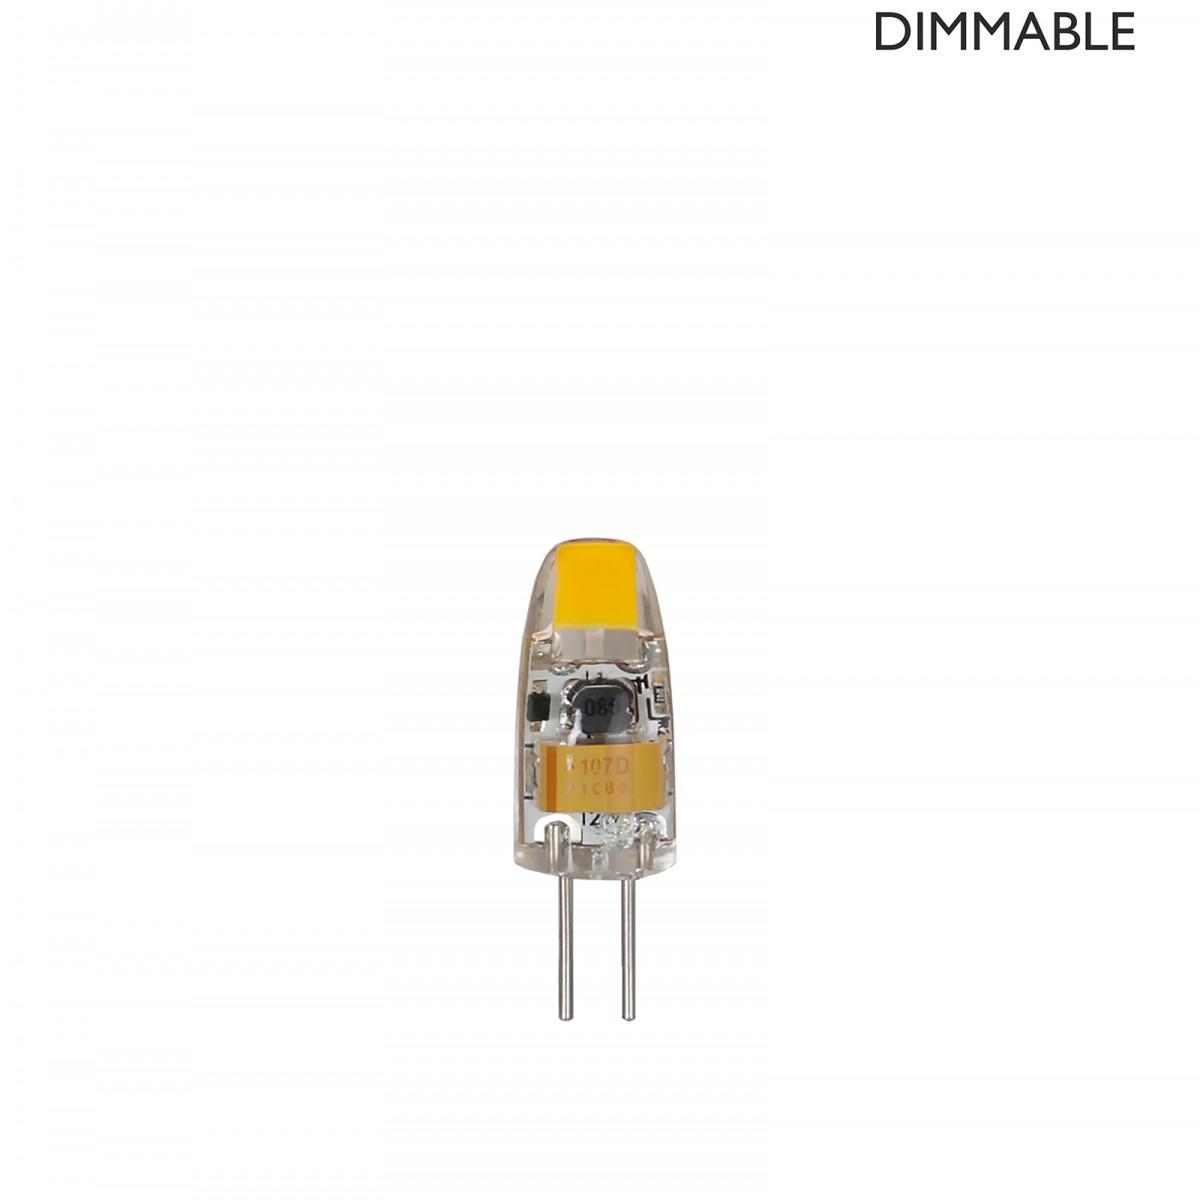 Bec LED dimabil L52, G4, 1cm, lumină caldă